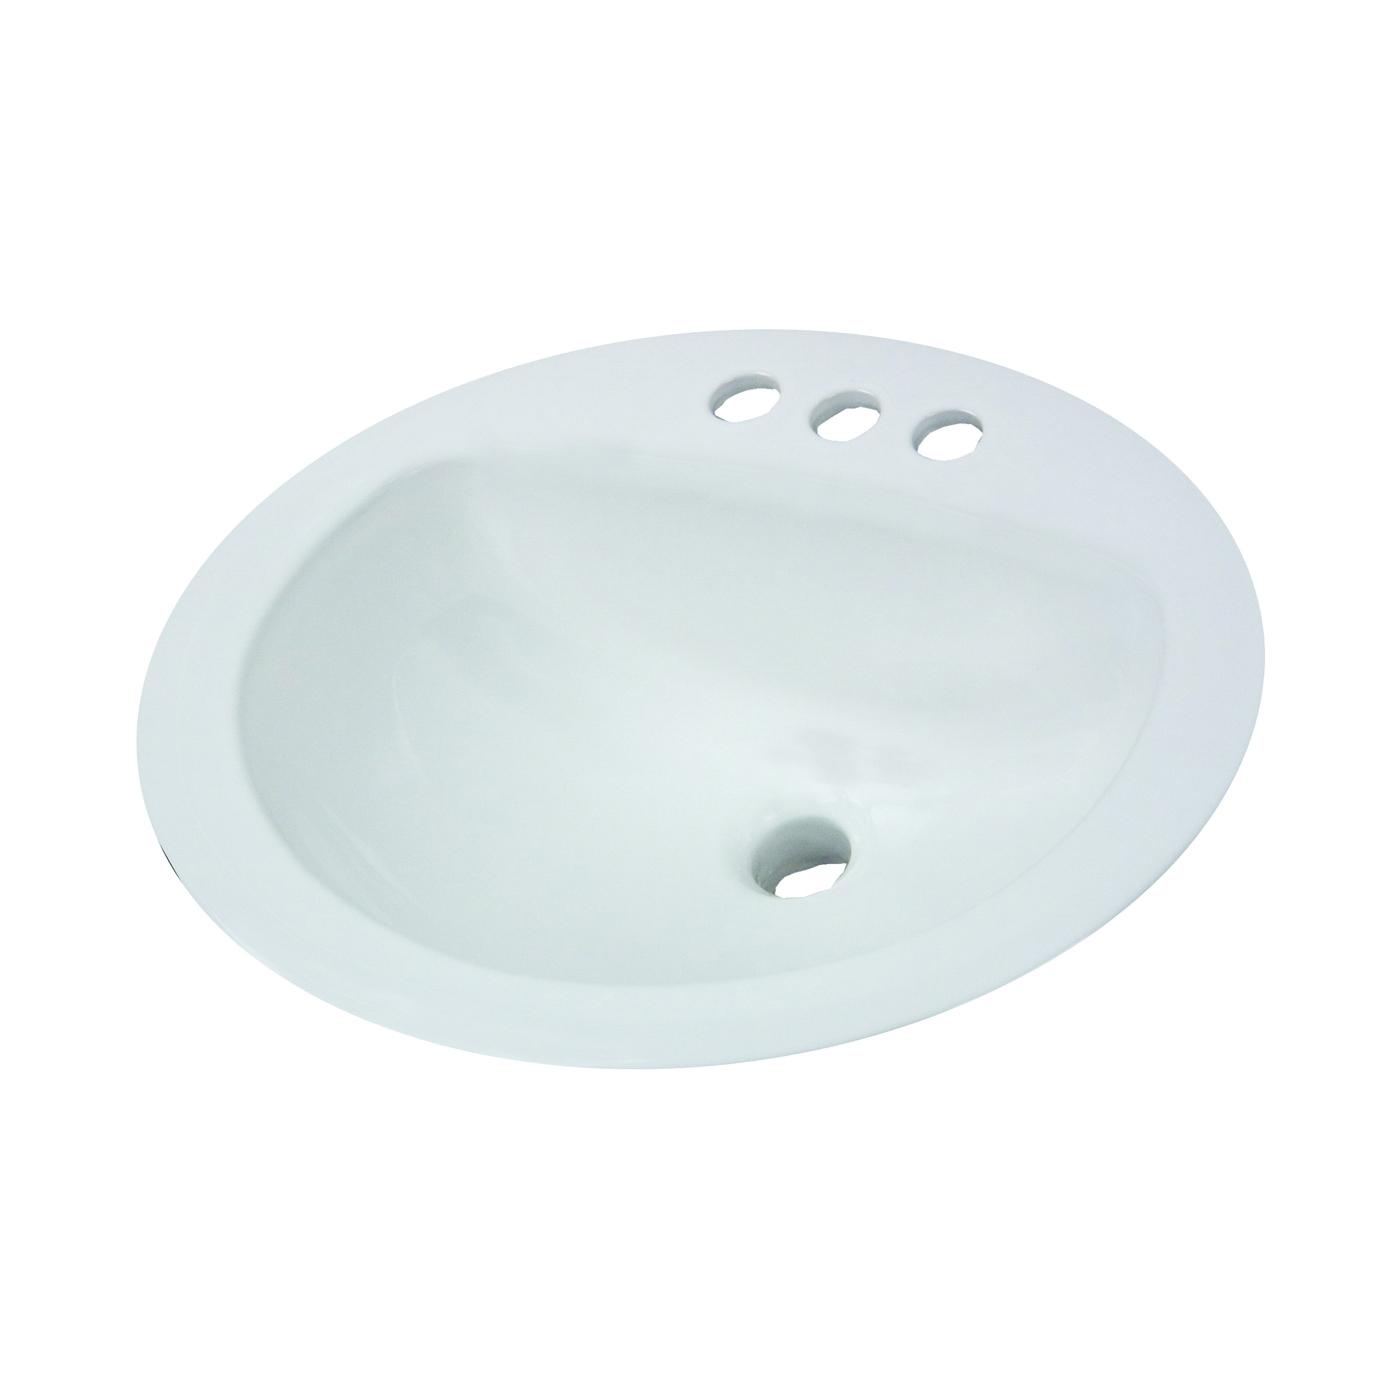 Picture of American Standard AQUALYN 0476.028.021 Countertop Sink, Oval Basin, 1-Deck Hole, 20-3/8 in OAW, 17-3/8 in OAH